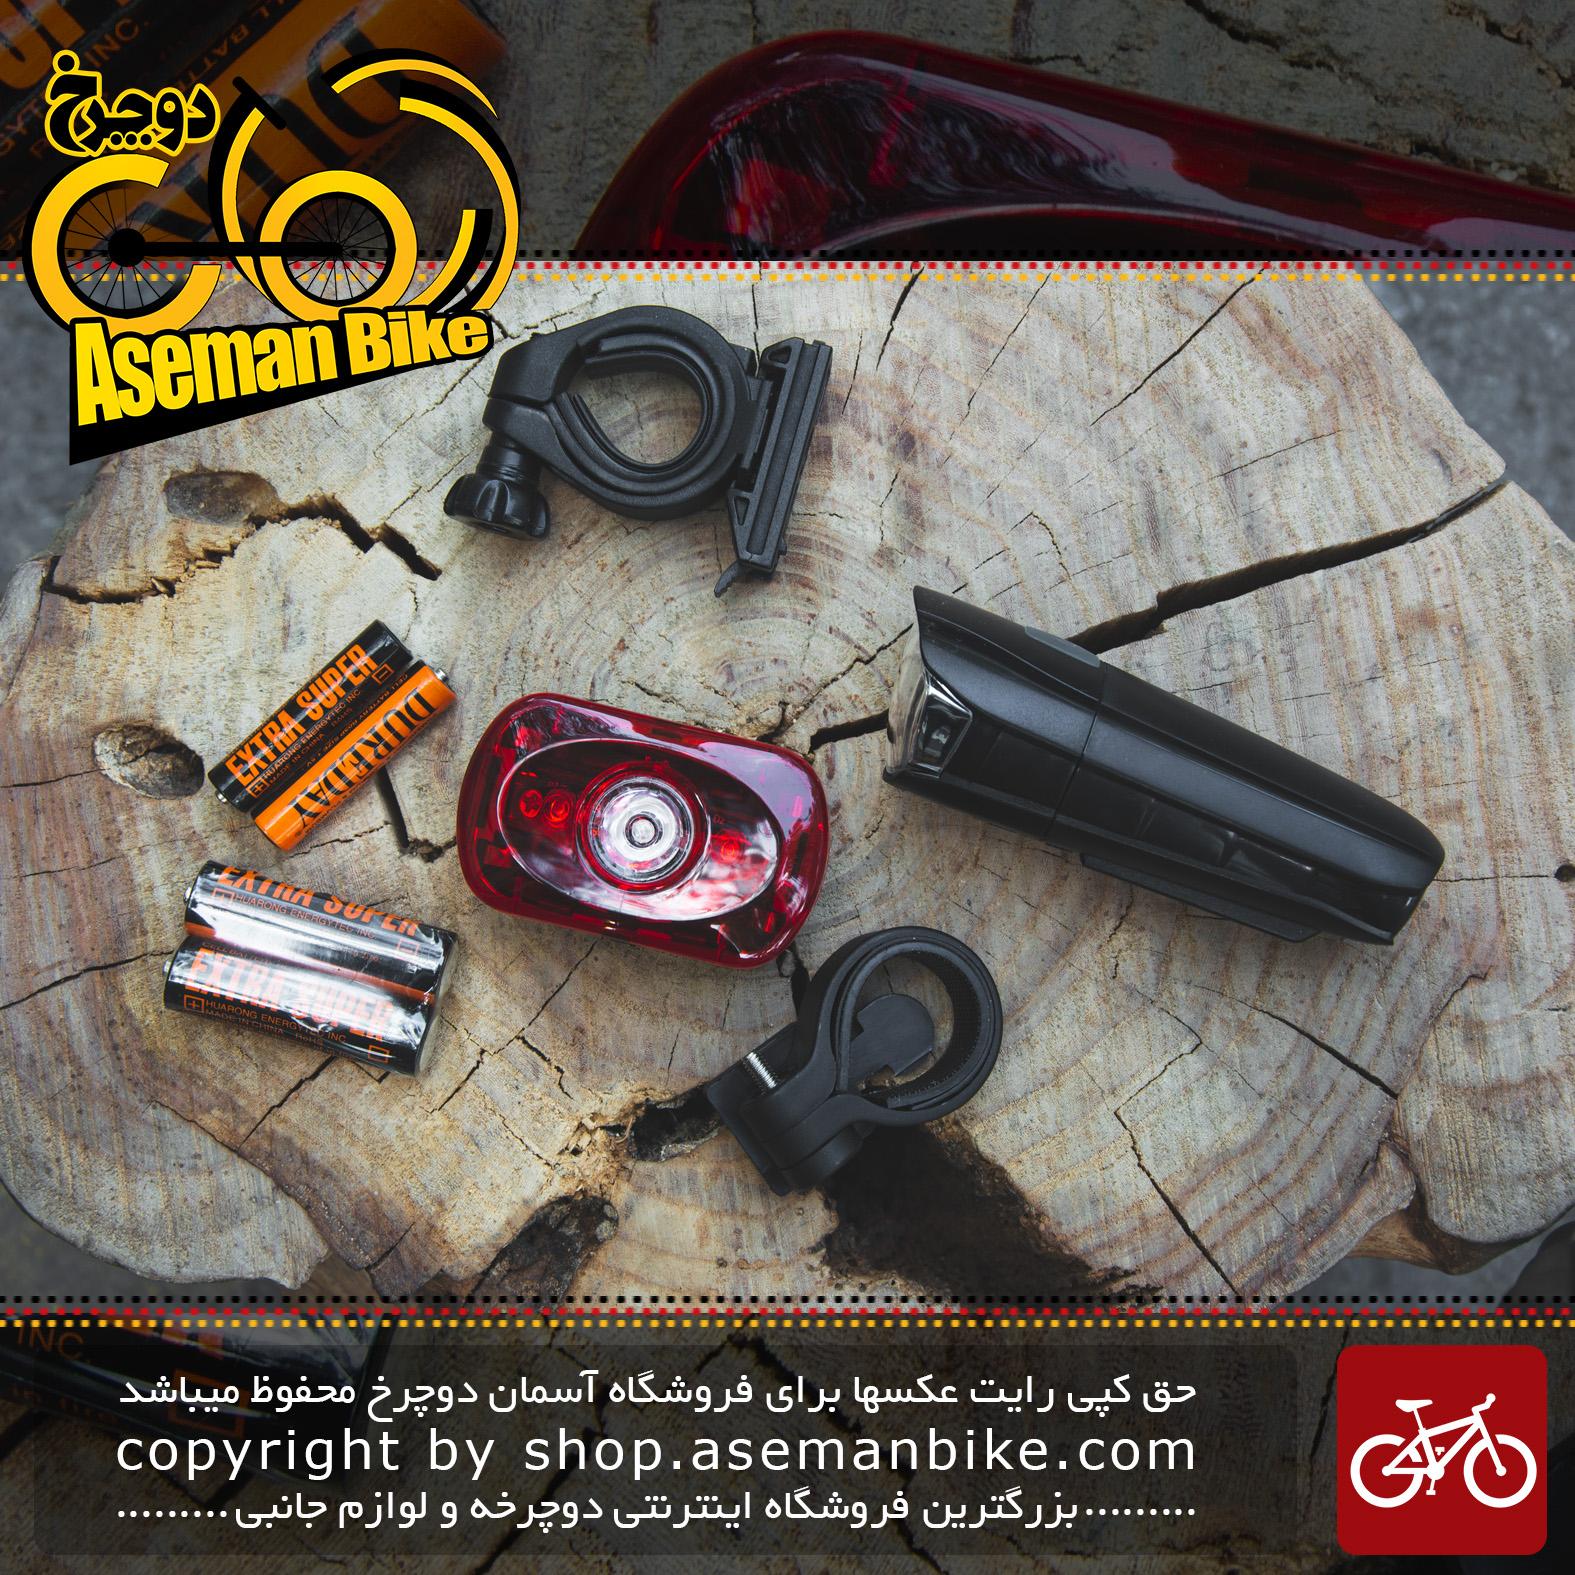 ست چراغ قوه جلو عقب دوچرخه برند شکاری مدل 008 Shekari Bicycle Light 008